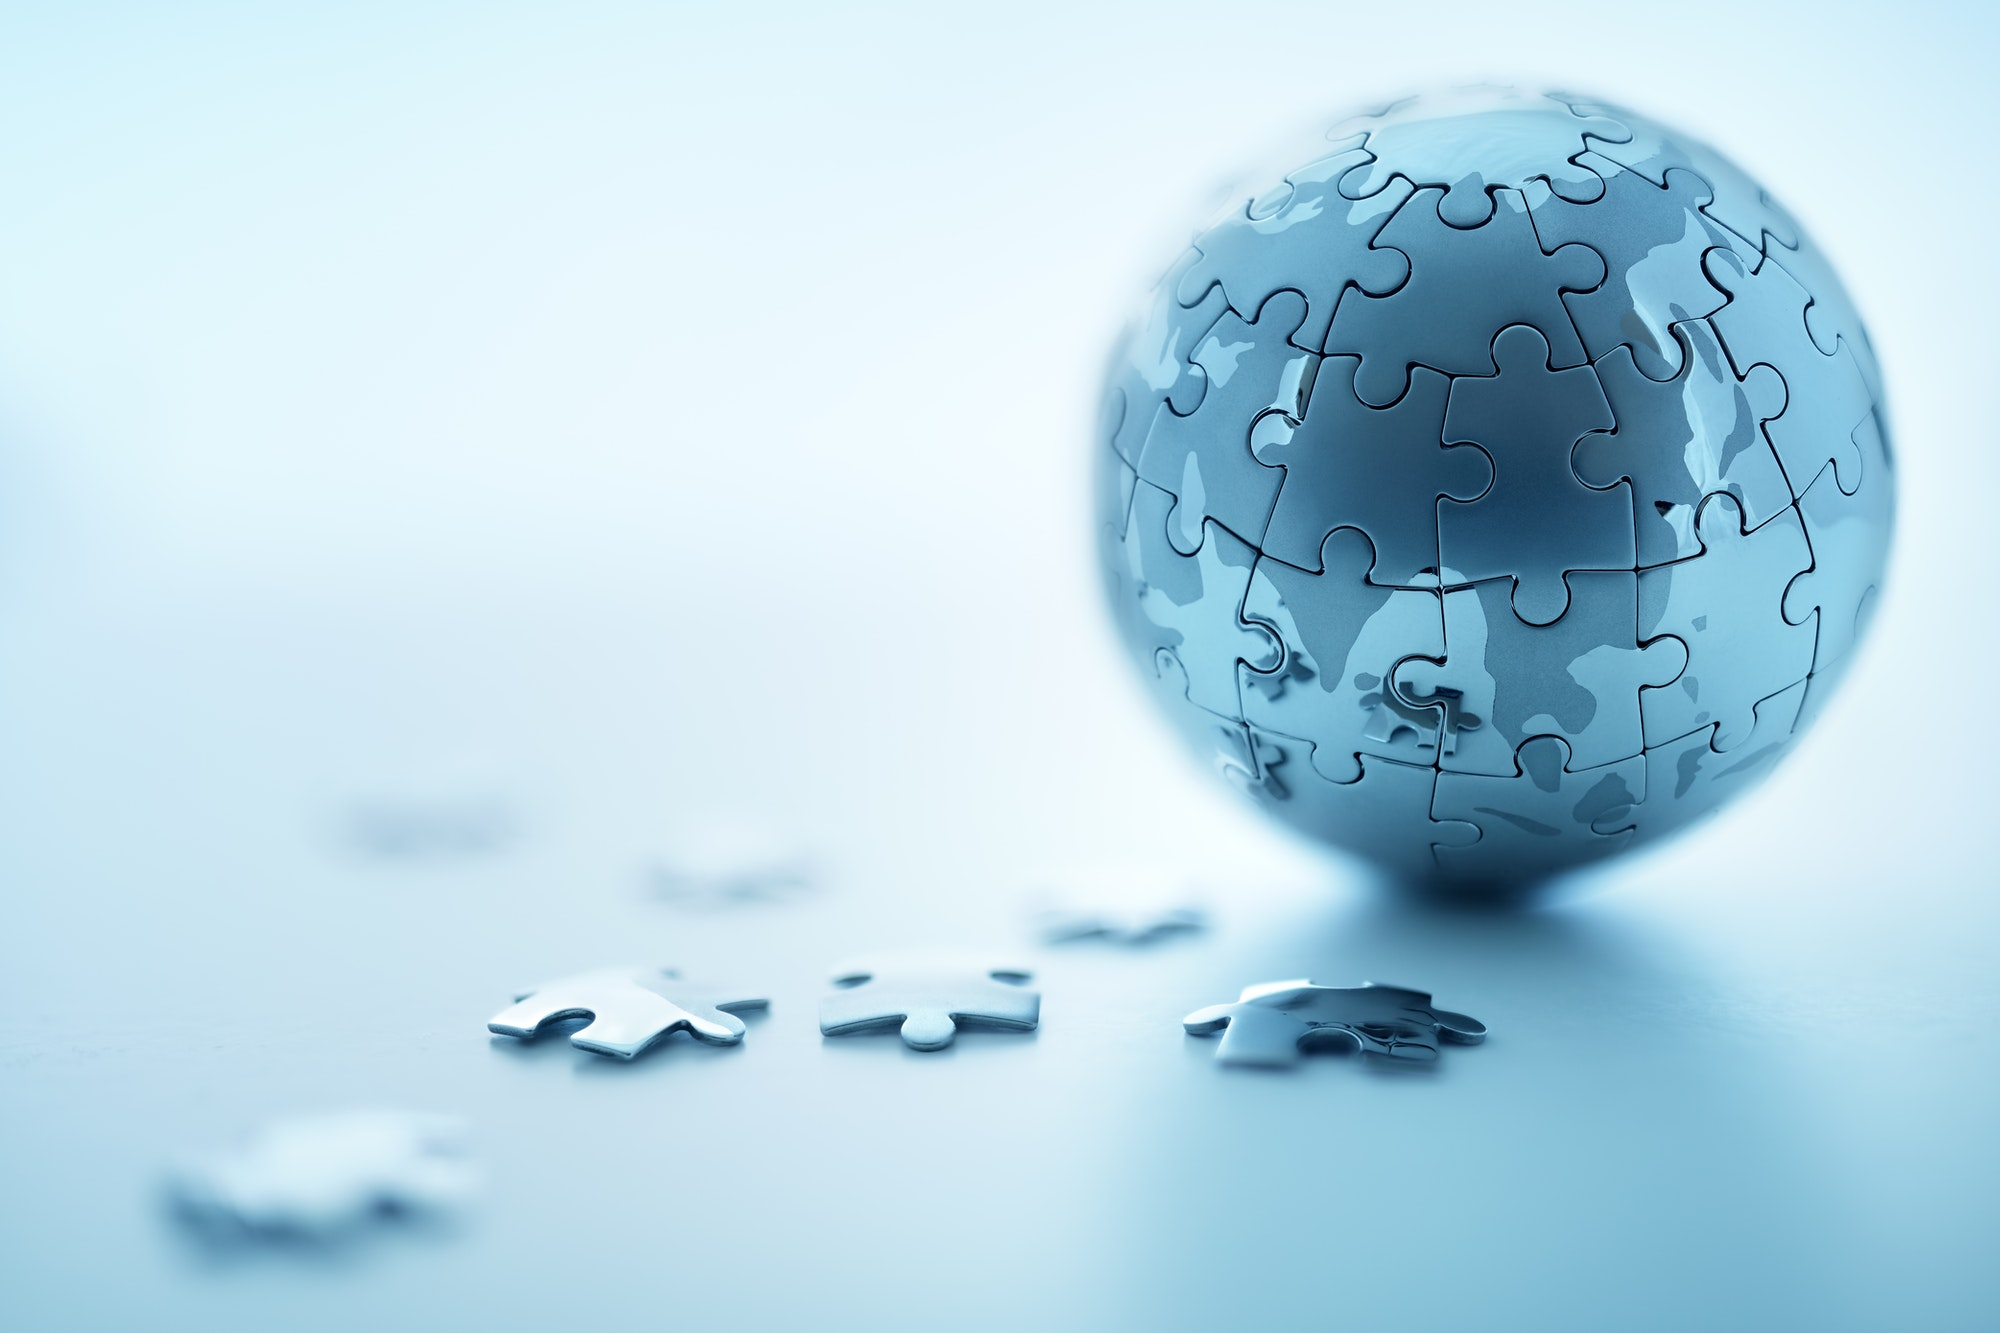 Localización Global strategy